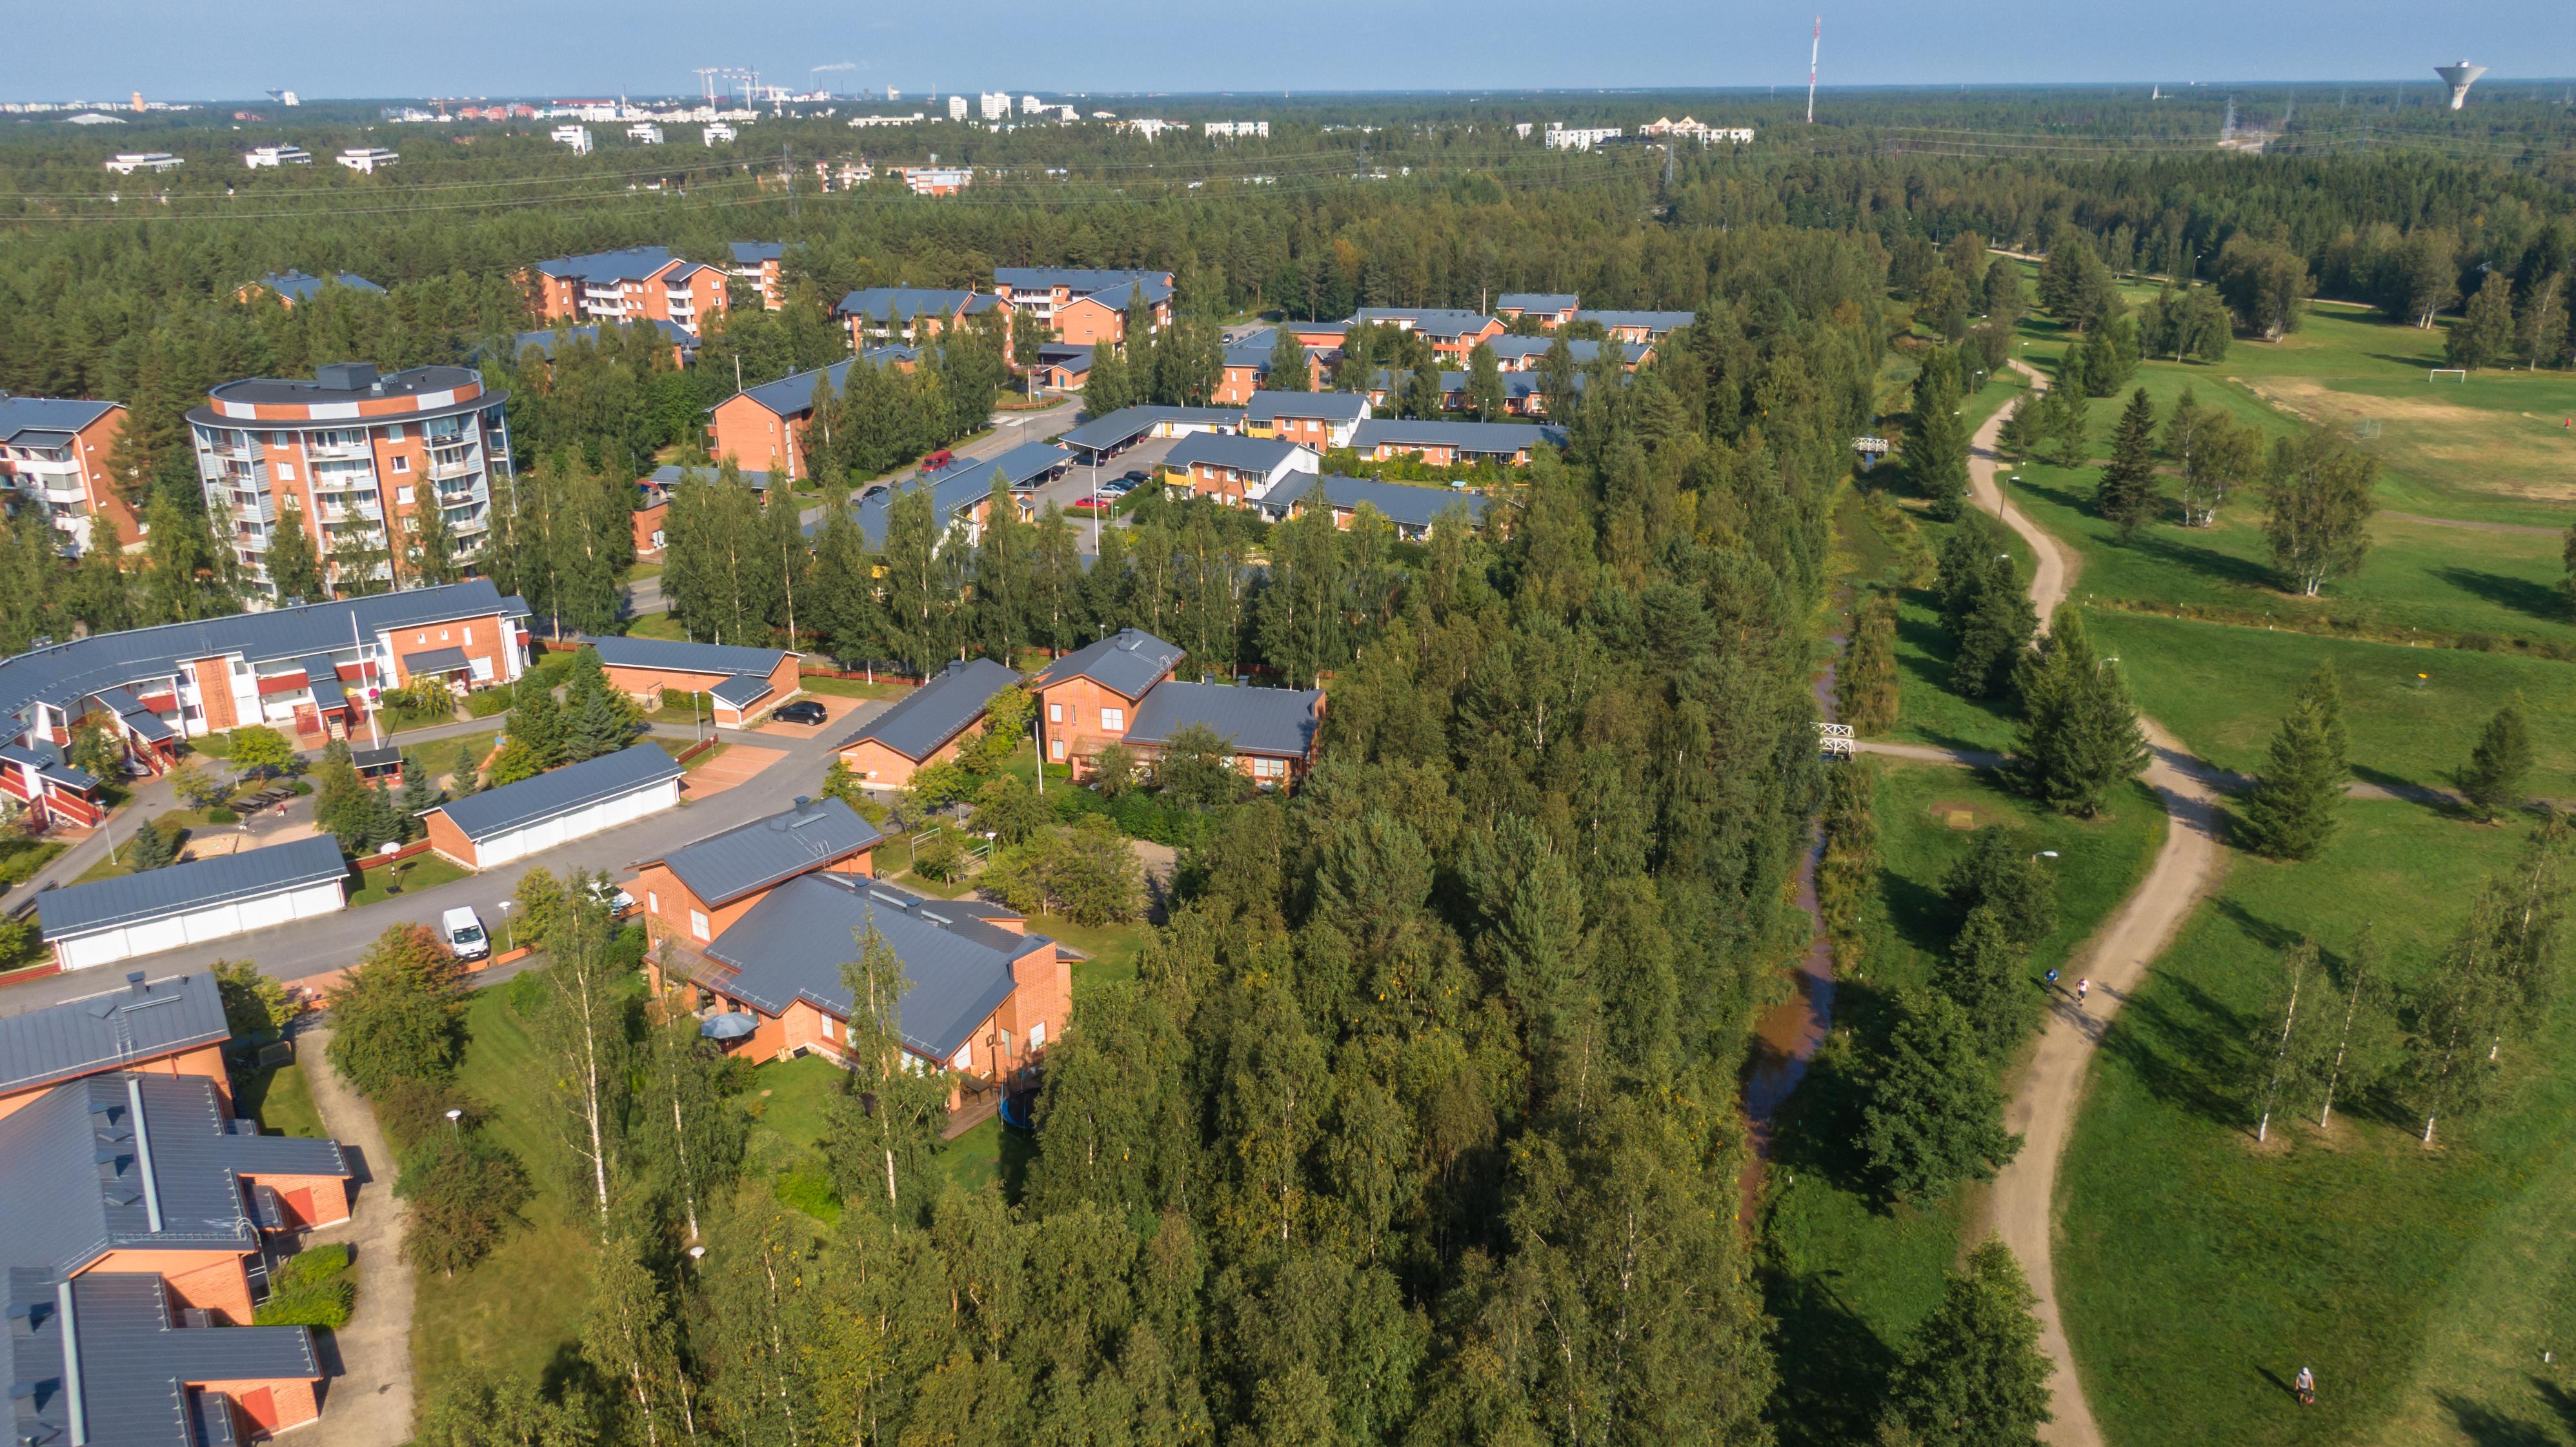 Kesäinen ilmakuva Hiirosesta Oulusta. Alueella on tarjolla Sivakan vuokra-asuntoja.